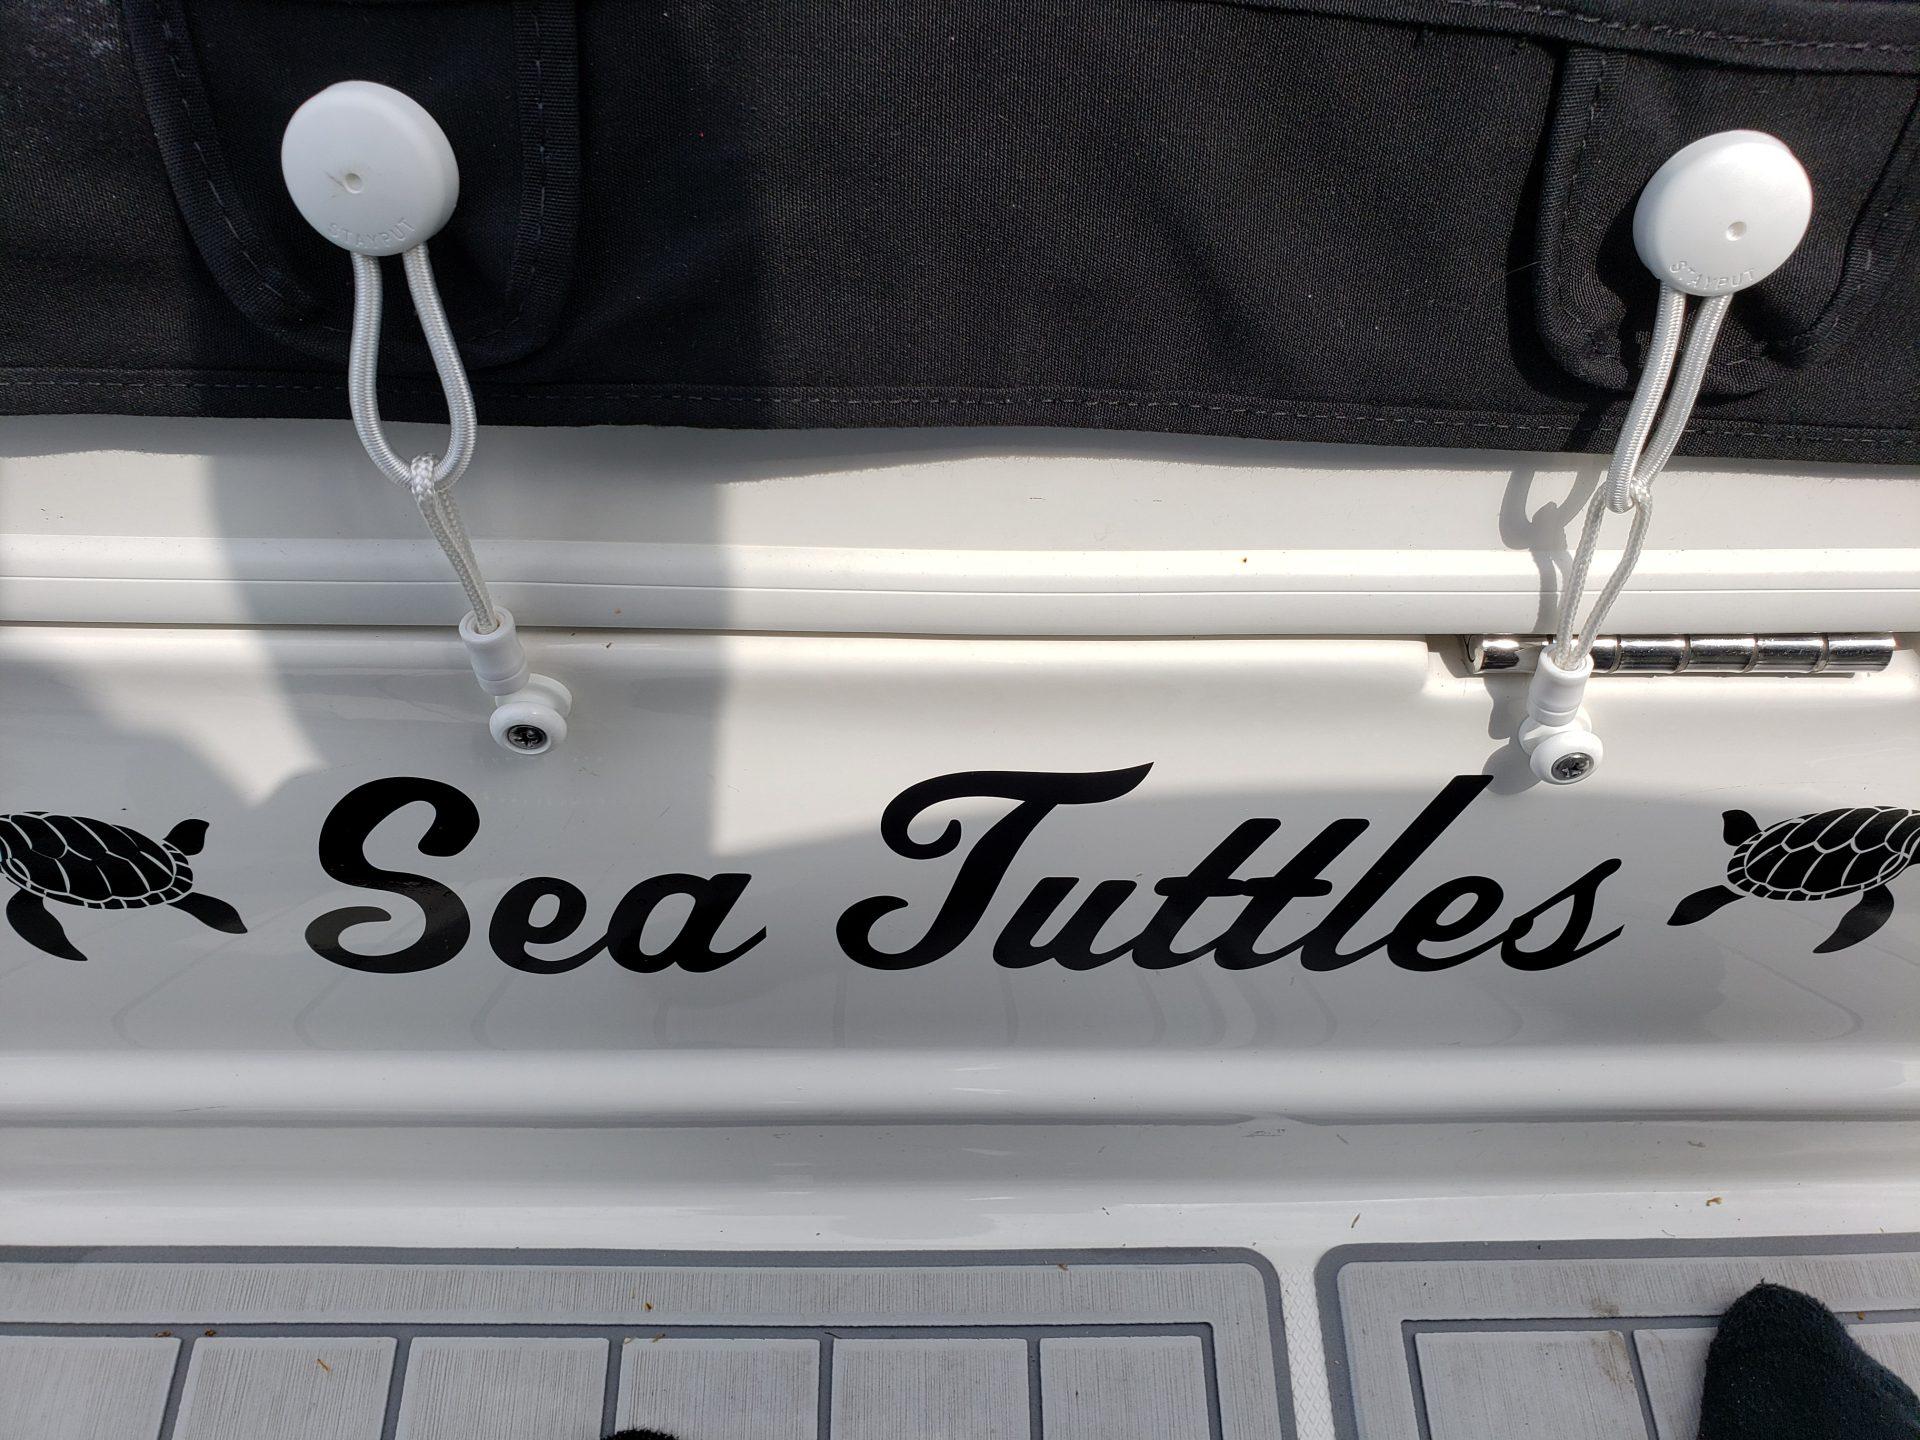 SeaTuttles